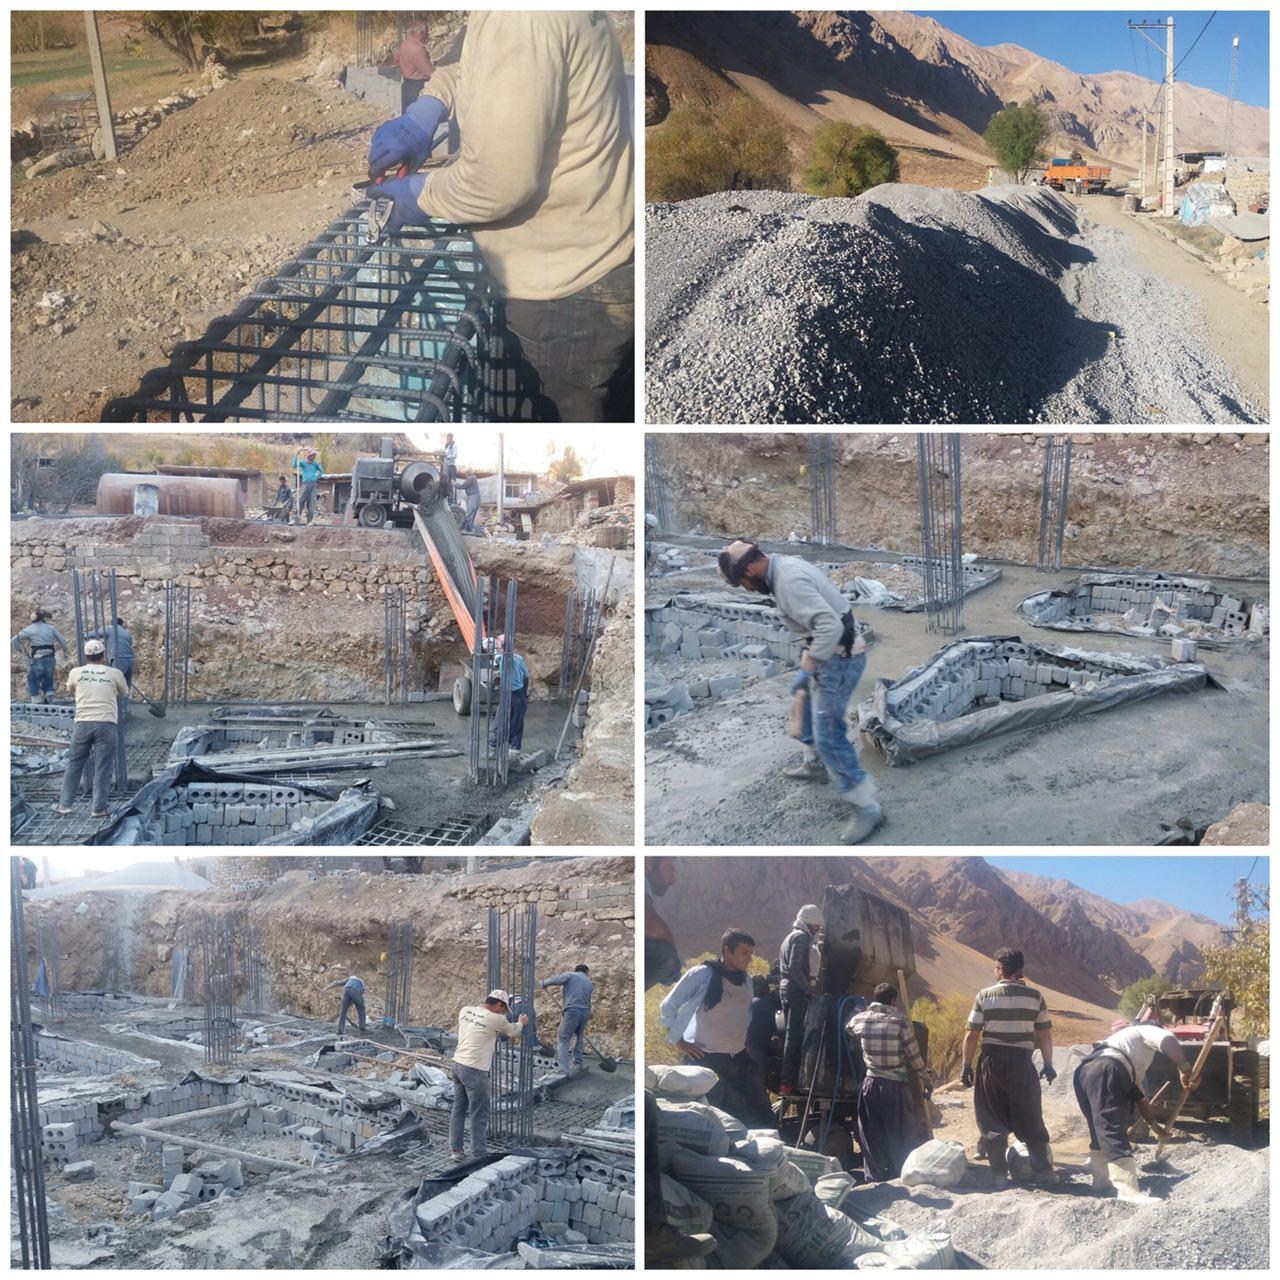 تصاویر مراحل اولیه ساخت مسجد روستای کمرون - اردو جهادی سال 1396